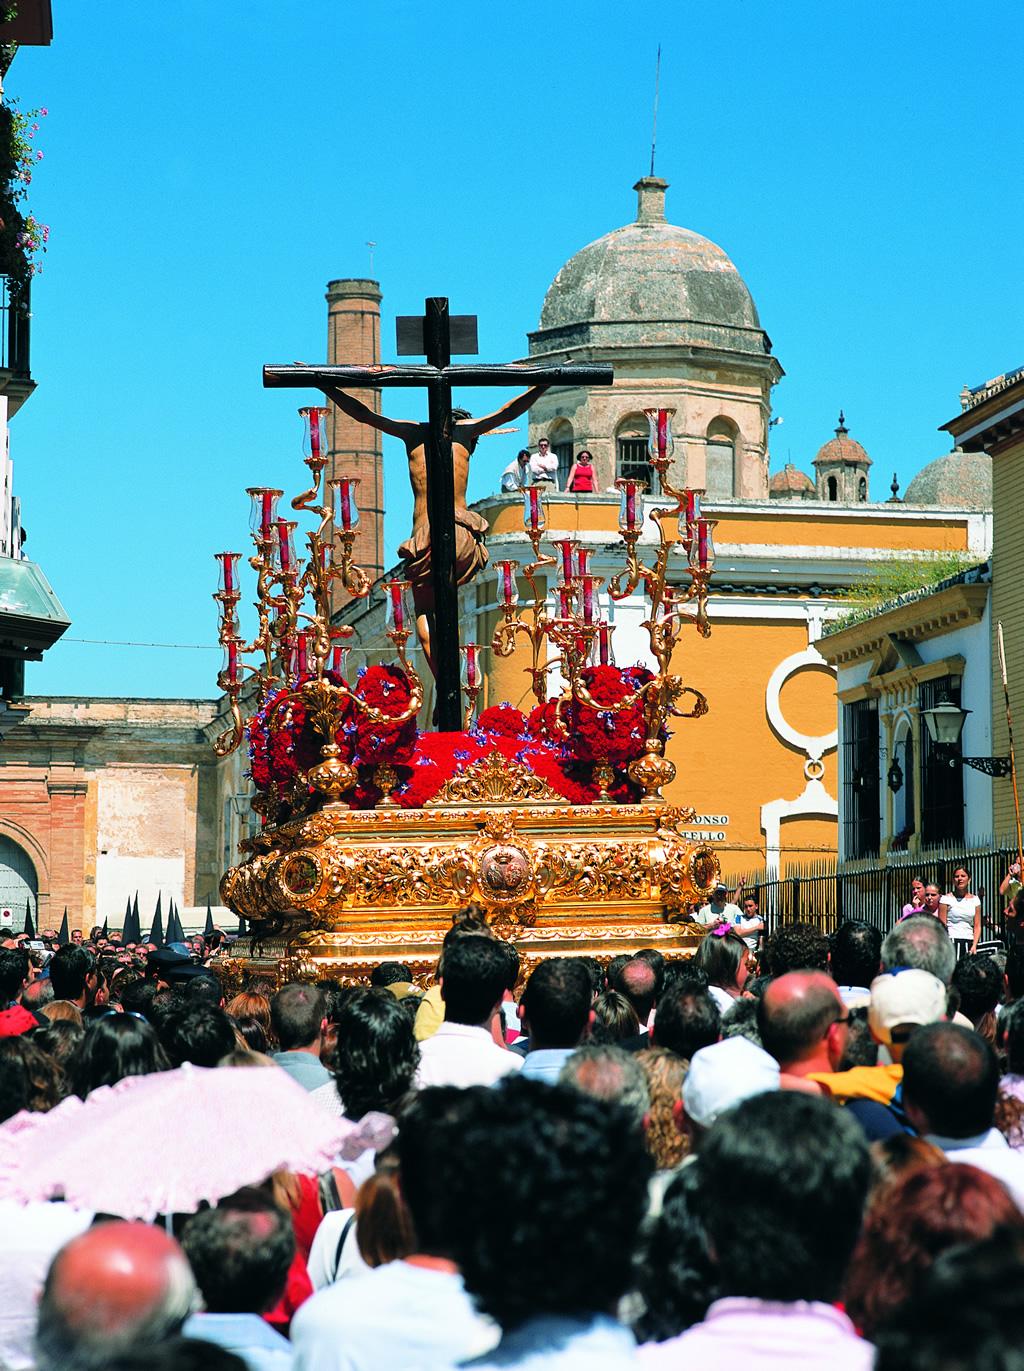 Os cortejos da Semana Santa em Sevilha mobilizam toda a cidade